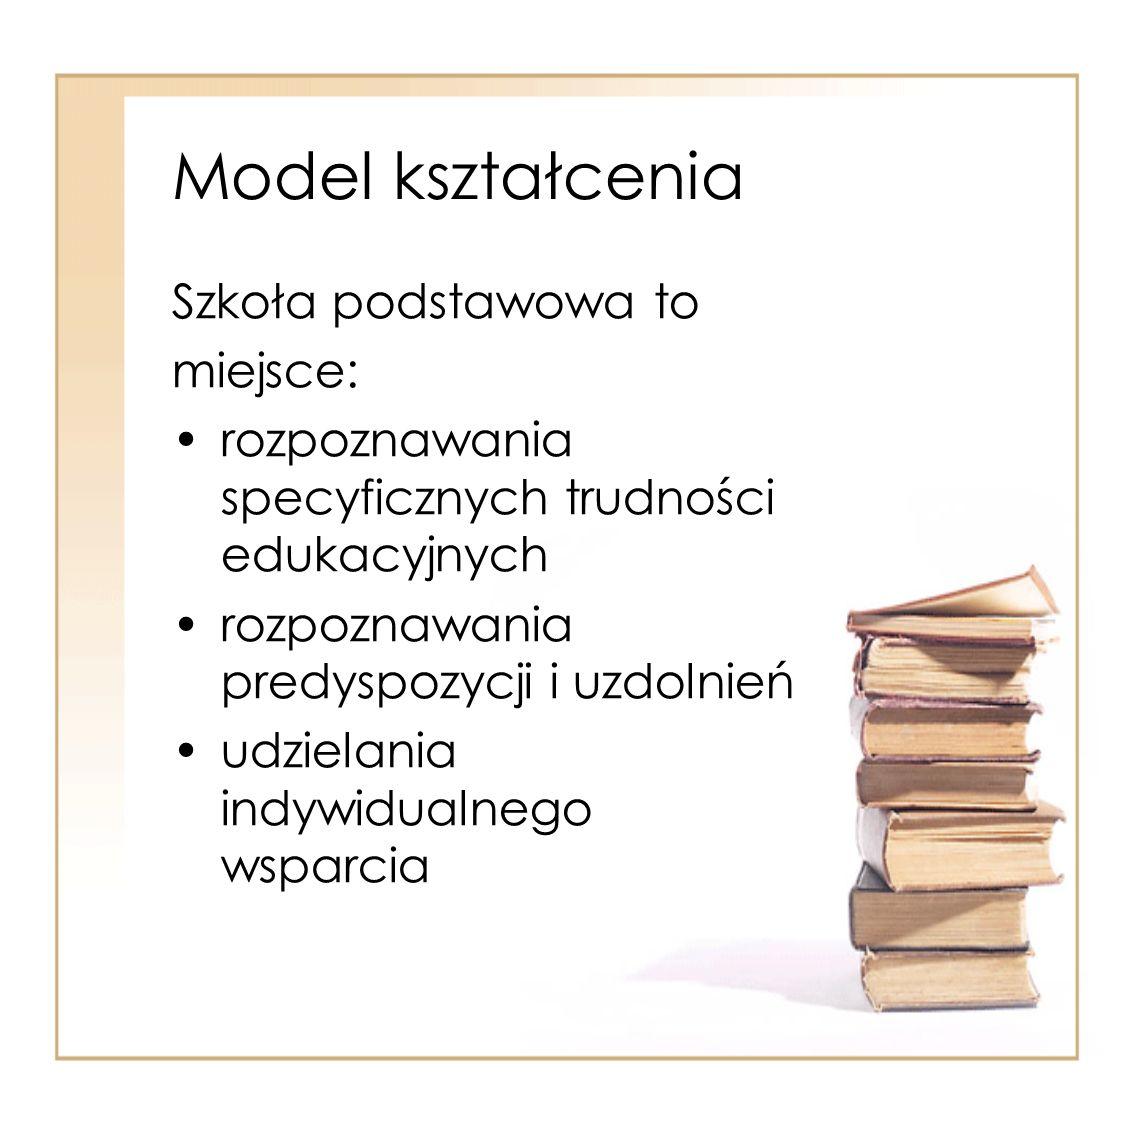 Model kształcenia Szkoła podstawowa to miejsce: rozpoznawania specyficznych trudności edukacyjnych rozpoznawania predyspozycji i uzdolnień udzielania